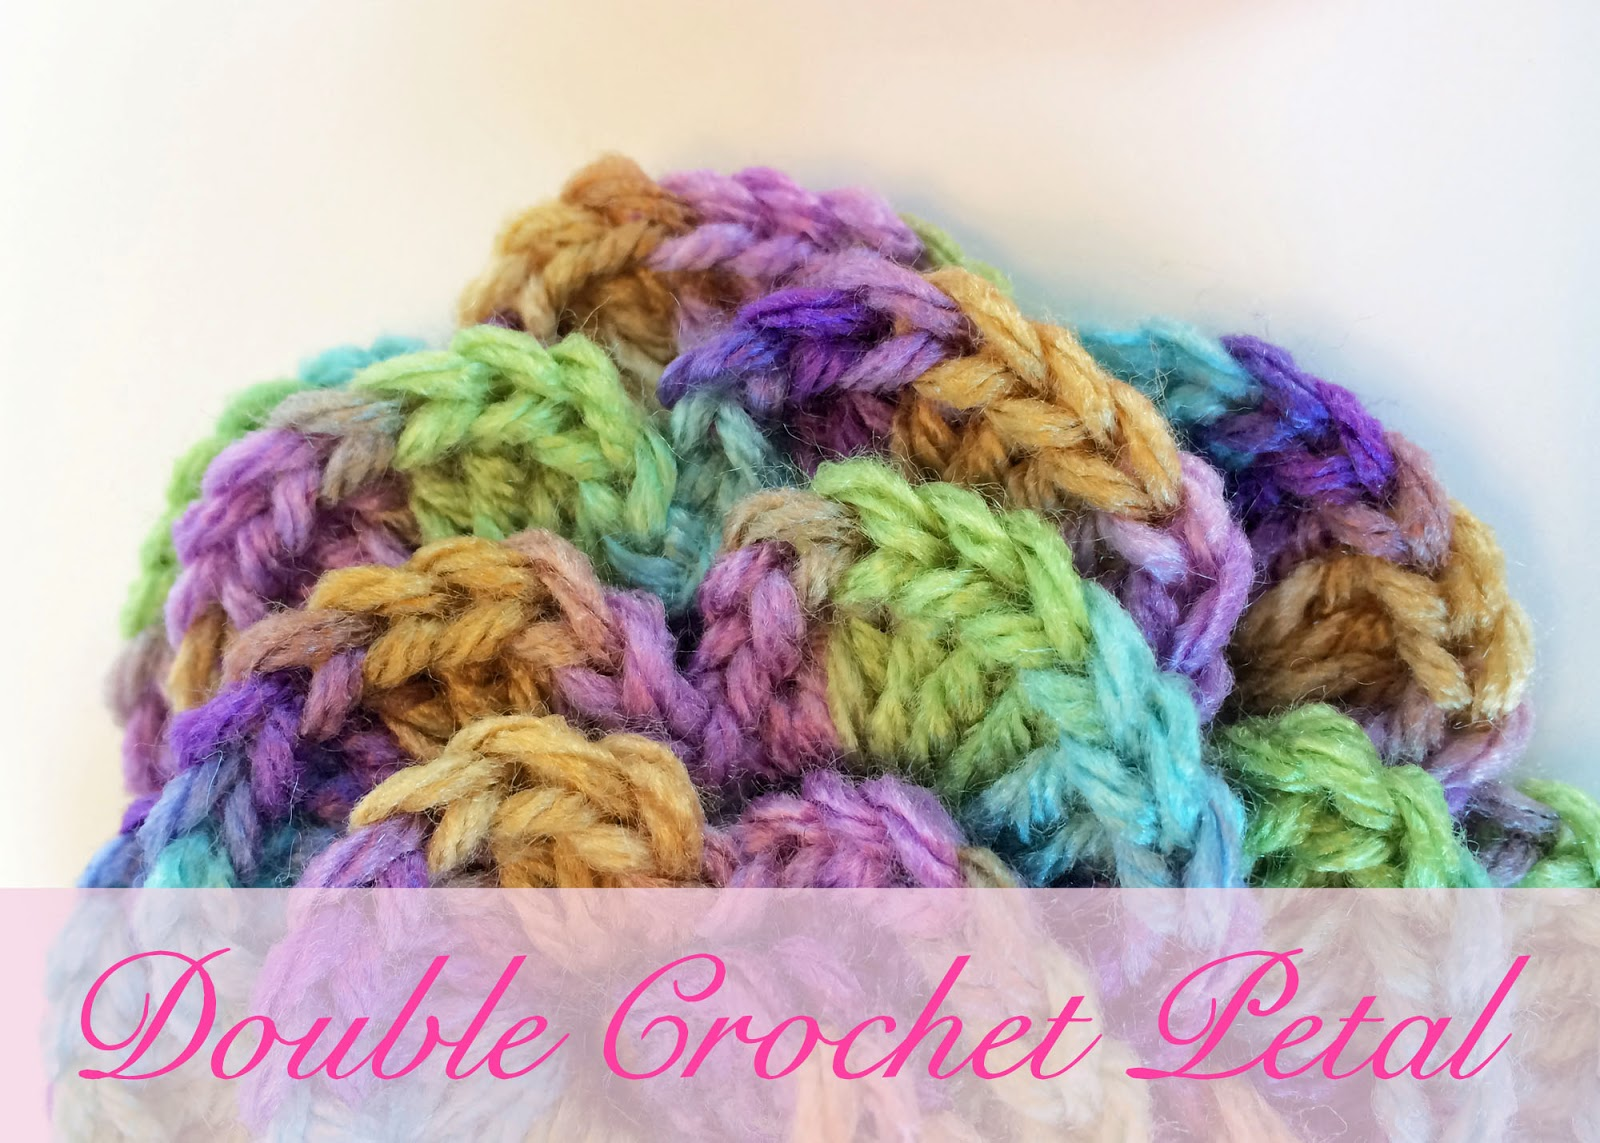 Free Crochet Double Flower Pattern : Crochet Rochelle: Double Crochet Flower